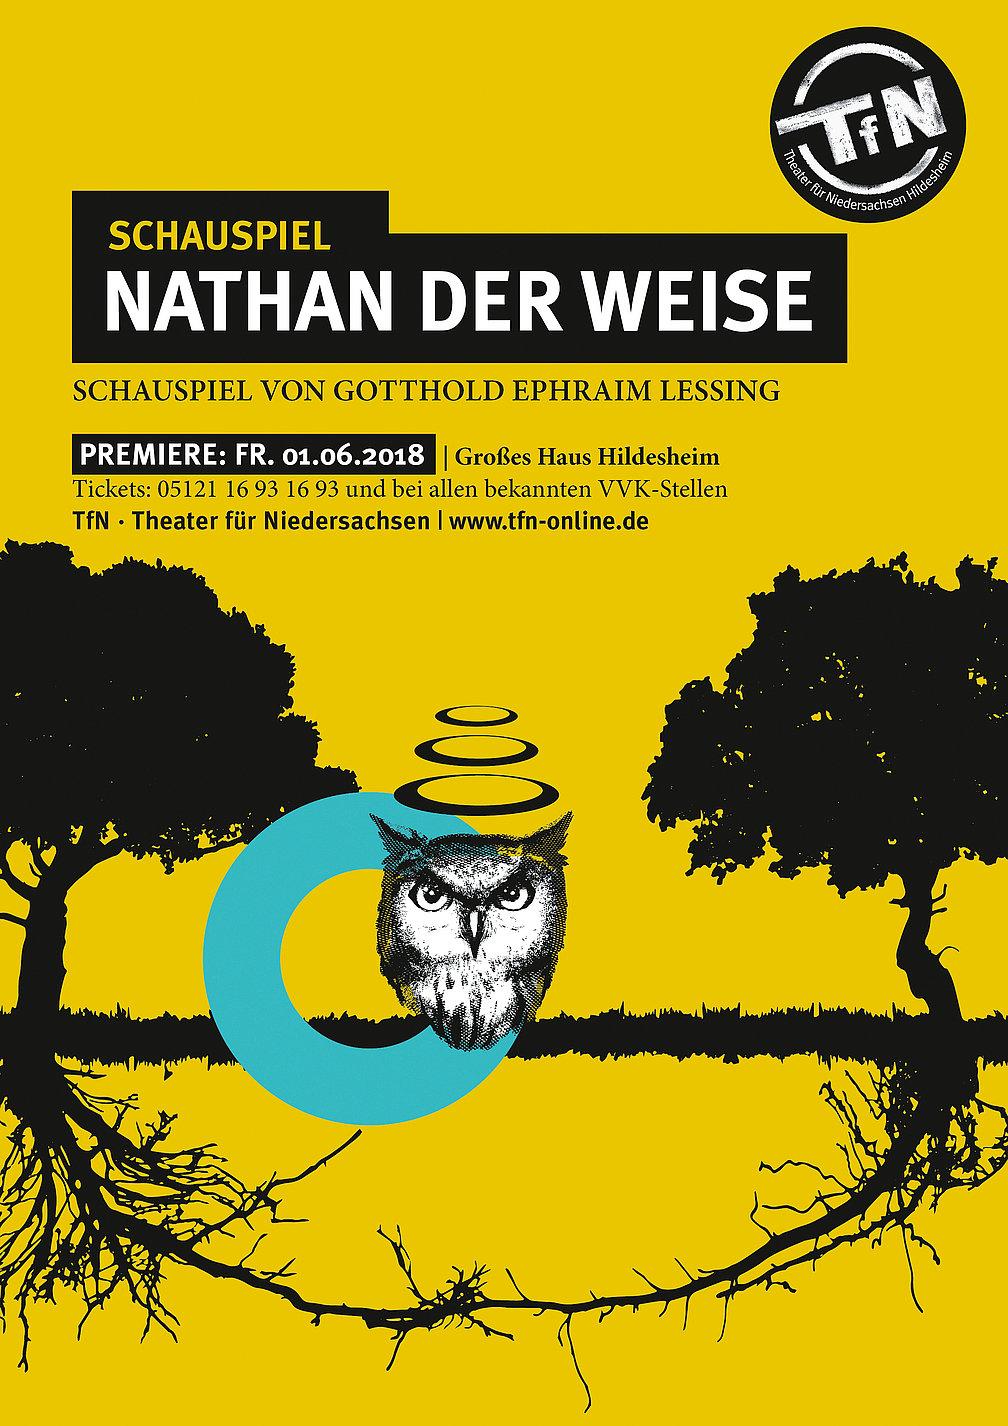 TfN – Theater für Niedersachsen | Red Dot Design Award